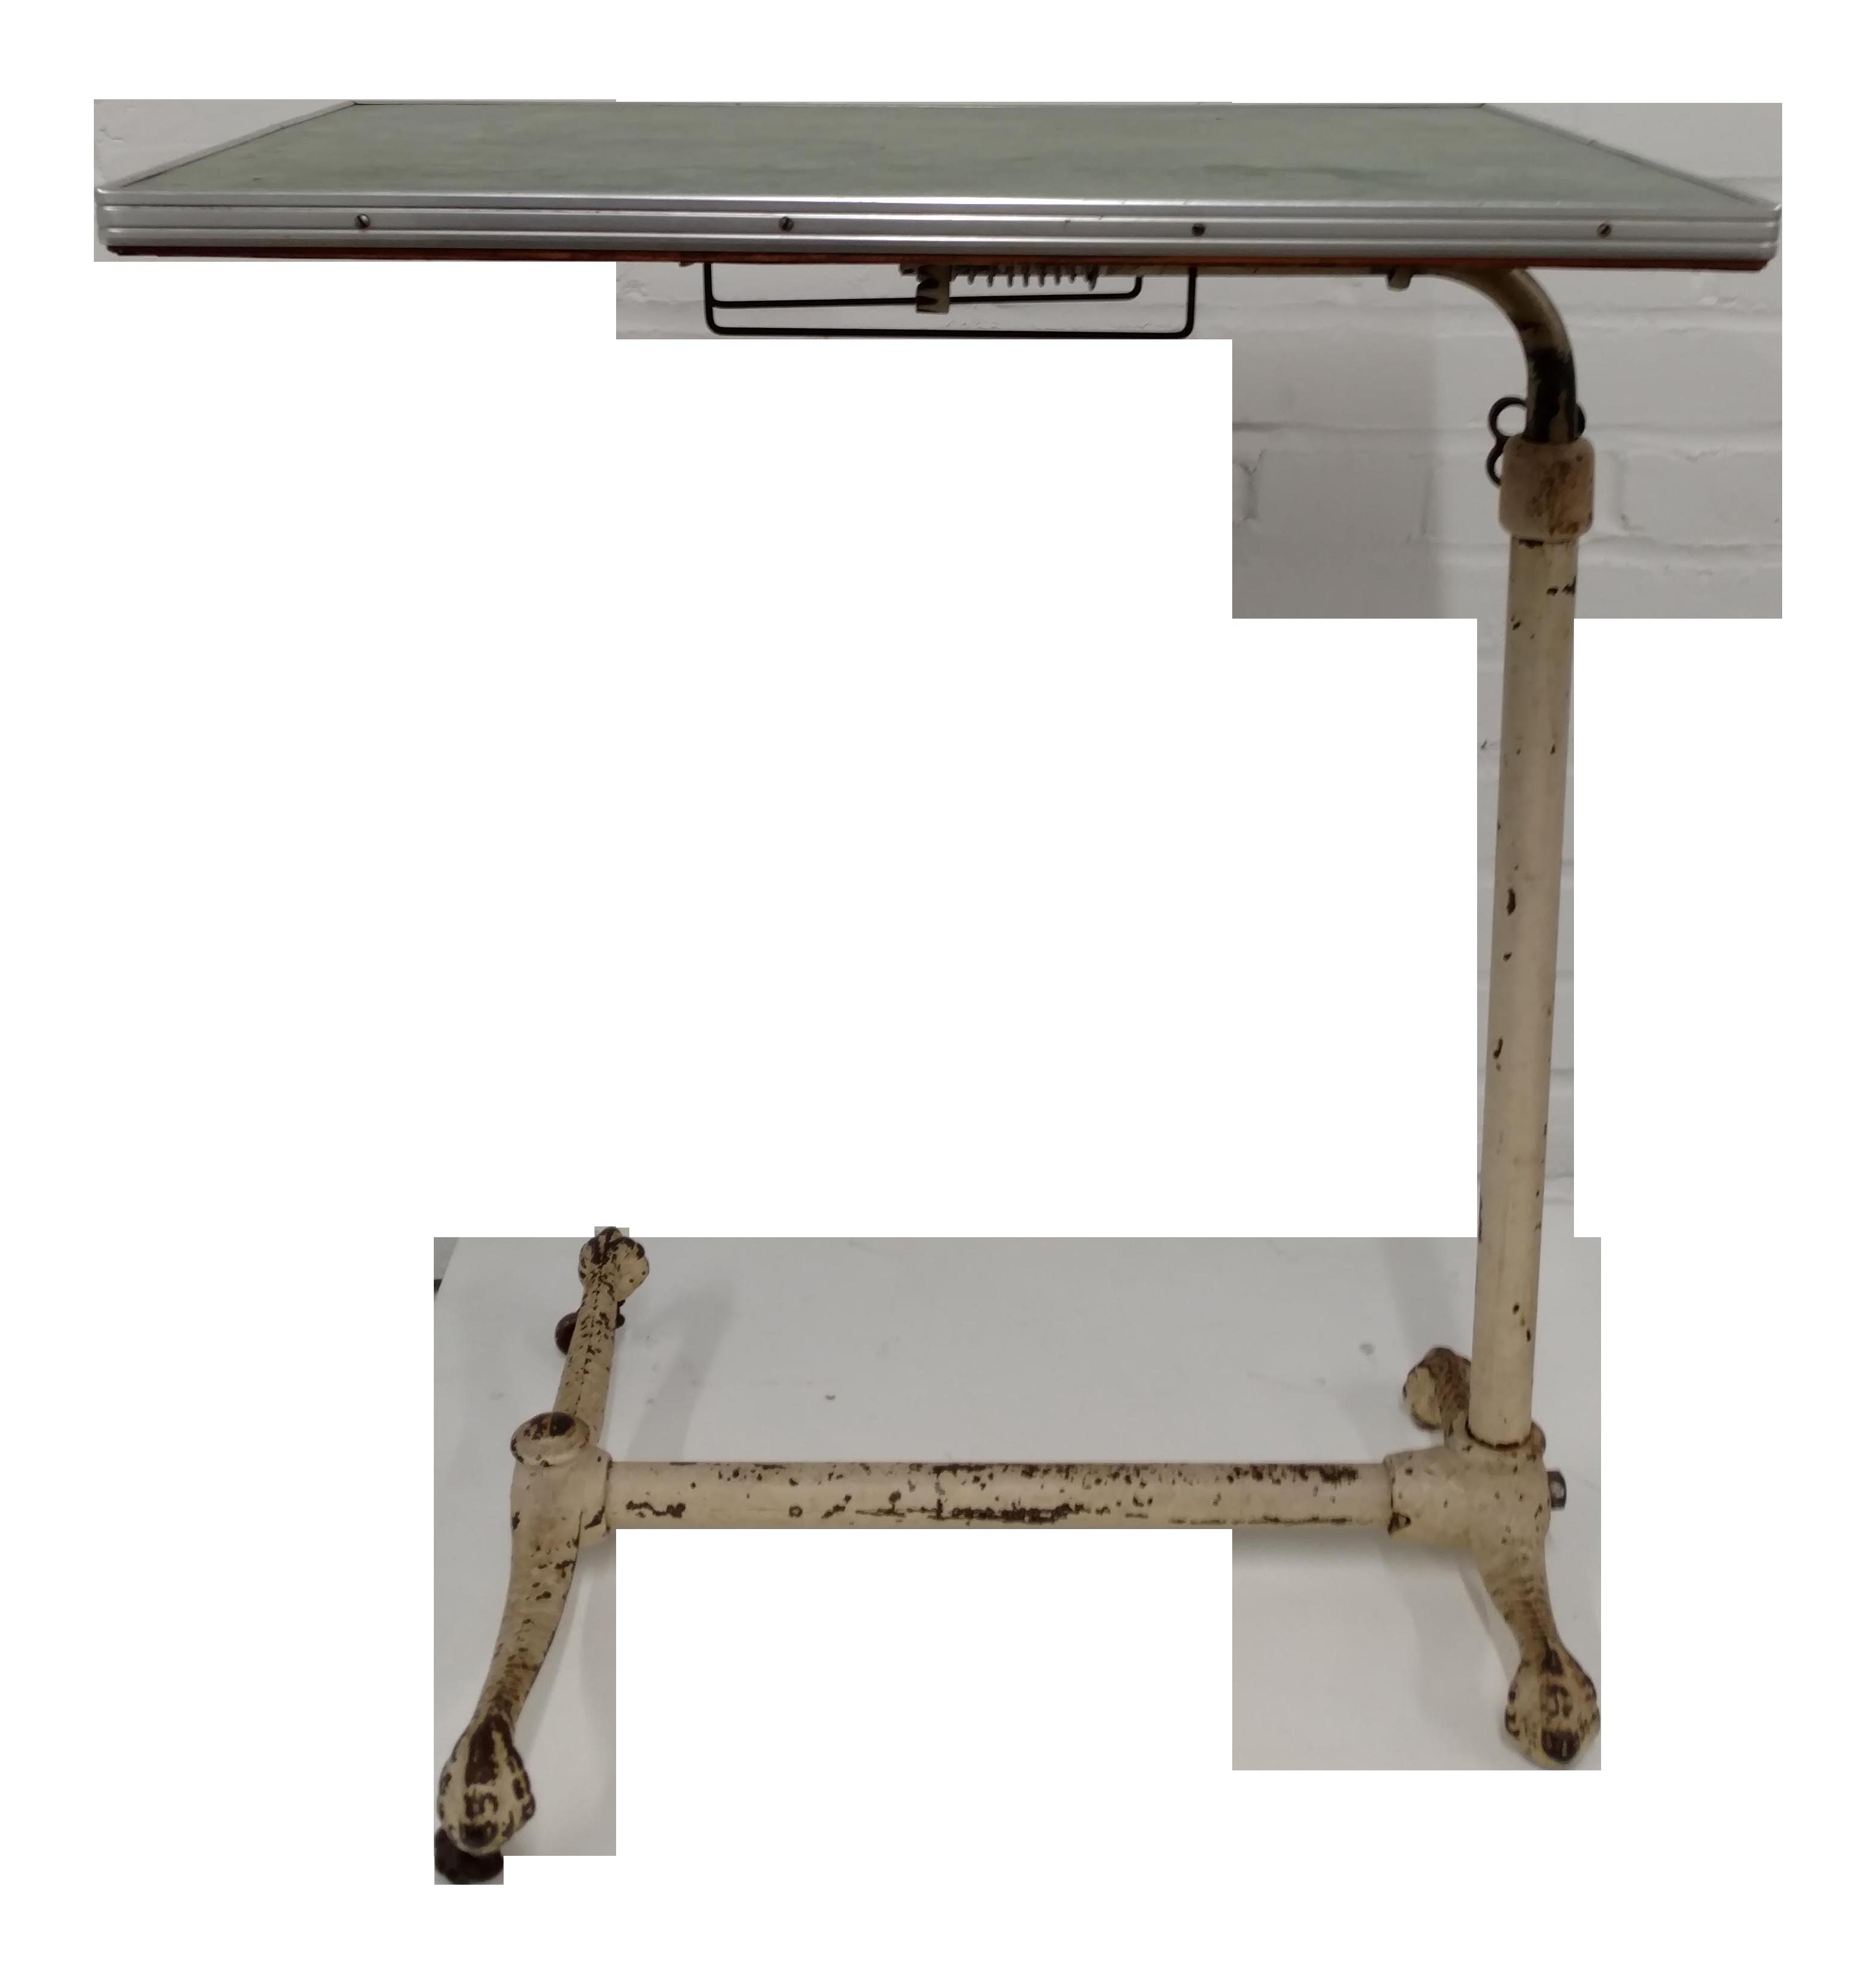 Vintage Adjustable Hospital Tray Table